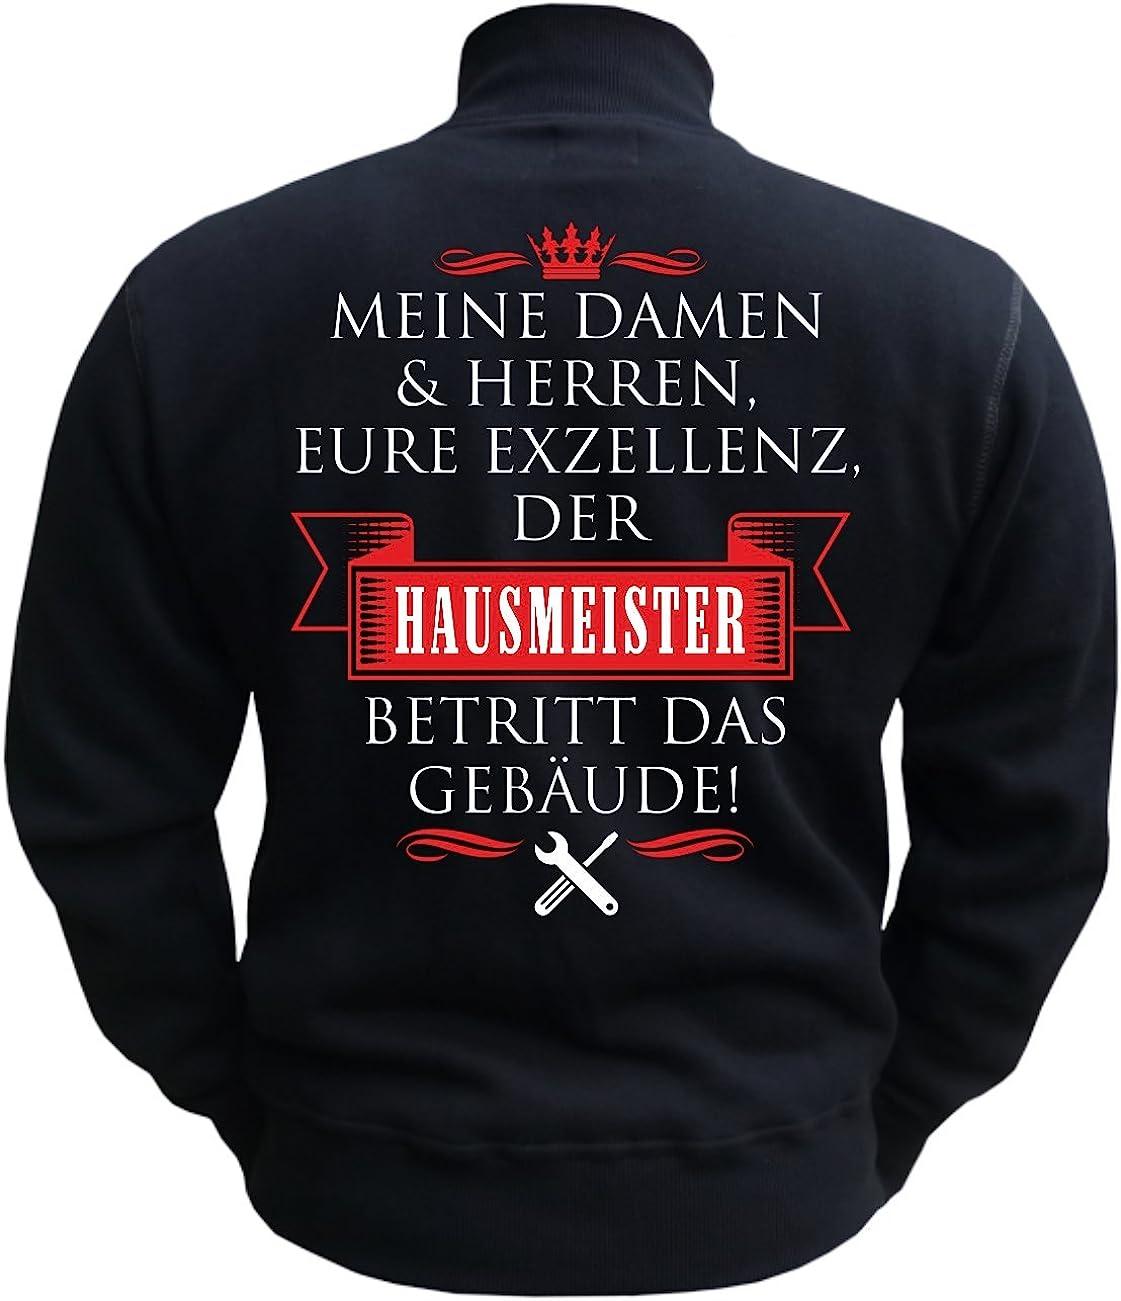 Spa/ß kostet M/änner und Herren Freizeitjacke Eure Exzellenz DER Hausmeister mit R/ückendruck